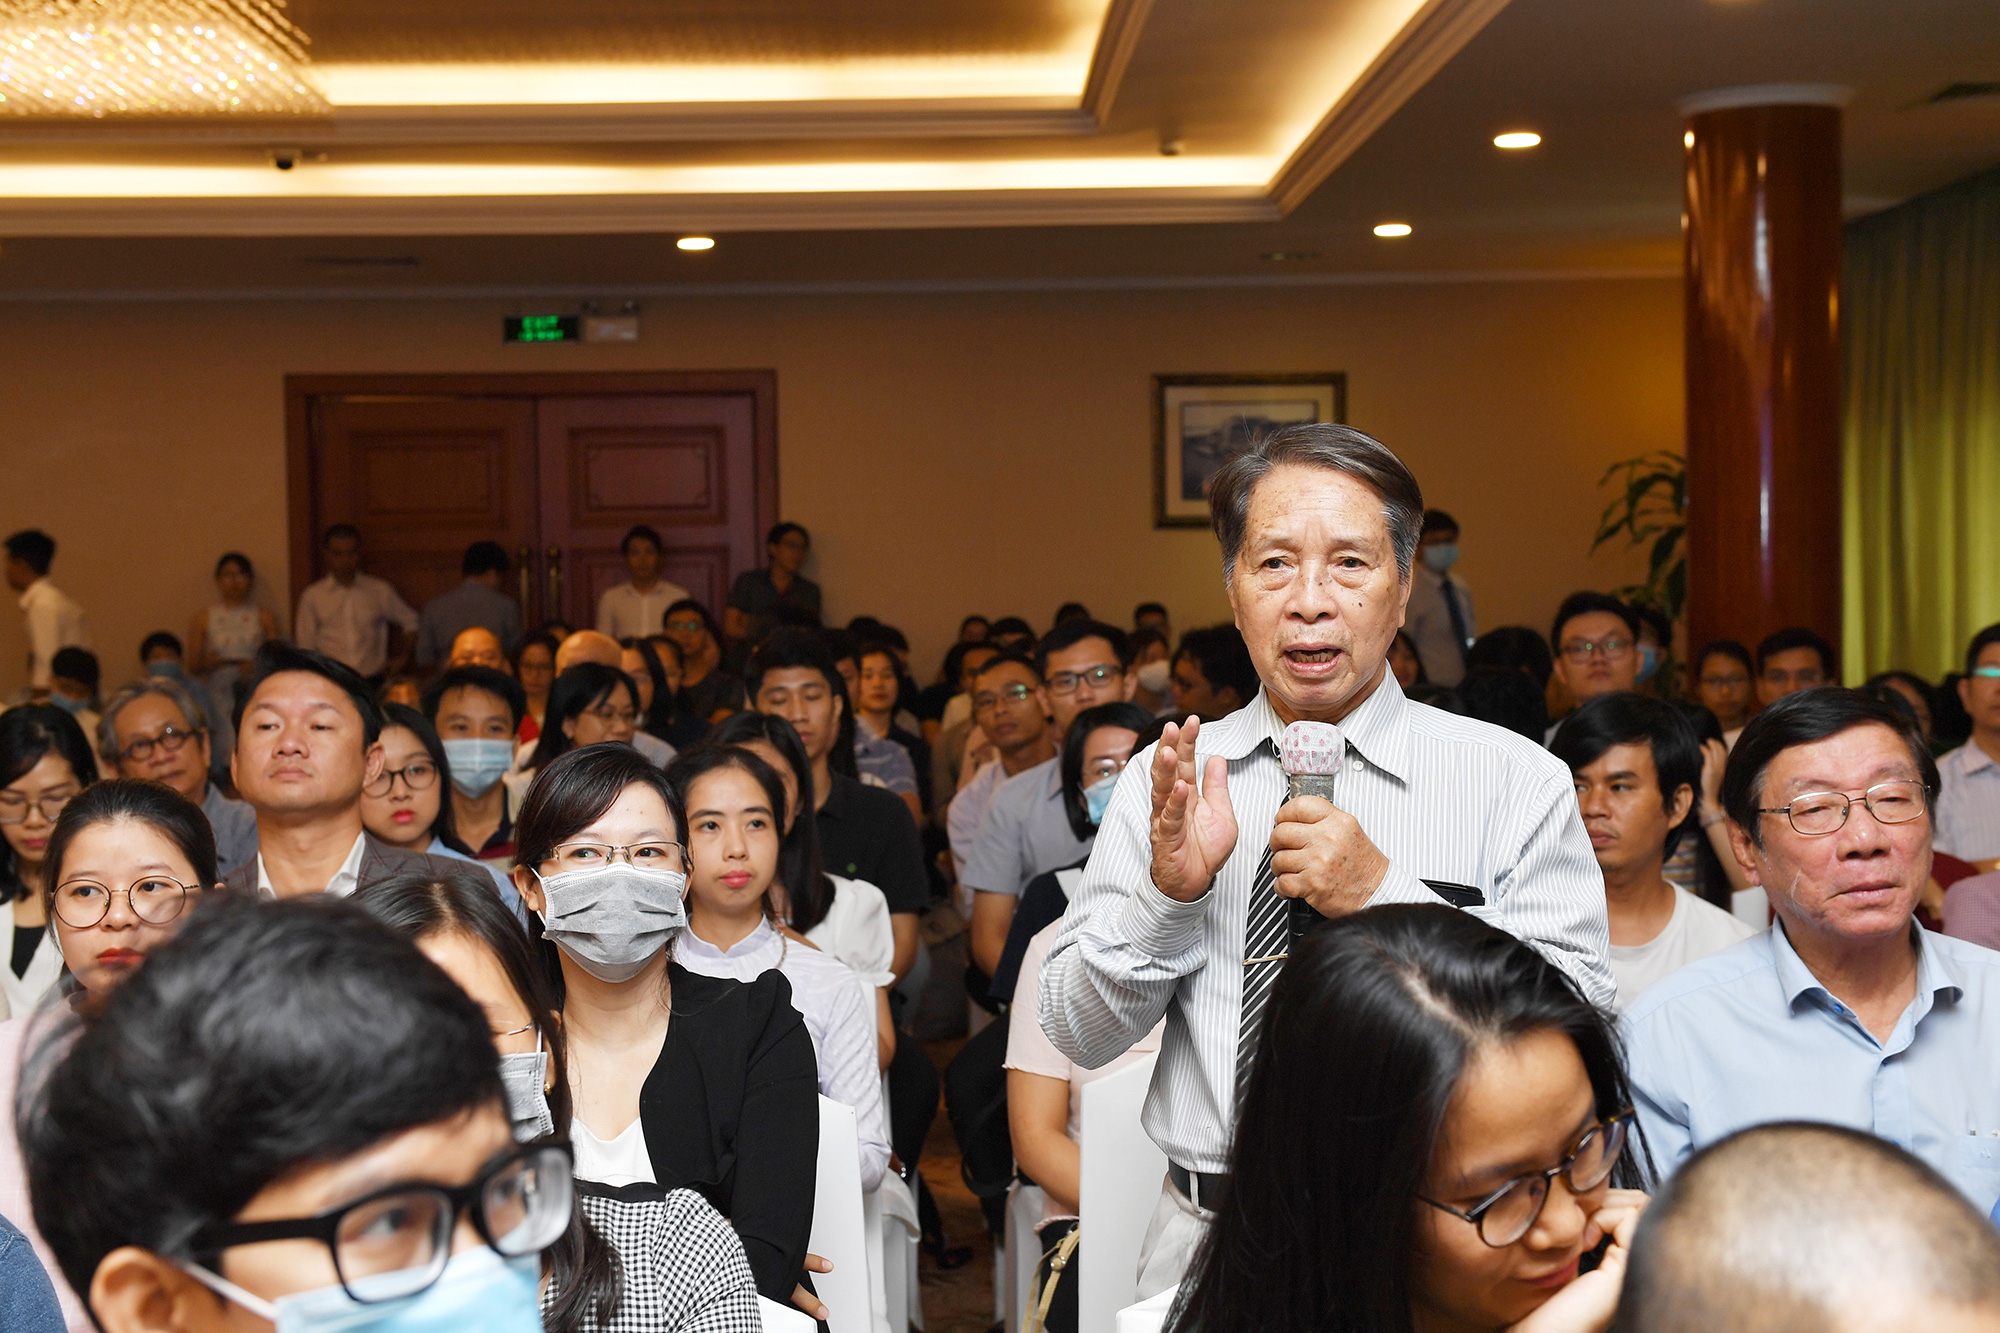 Nhà văn Trần Thùy Mai nhận giải Sách hay 2020 với bộ sách Từ Dụ Thái Hậu  - Ảnh 4.